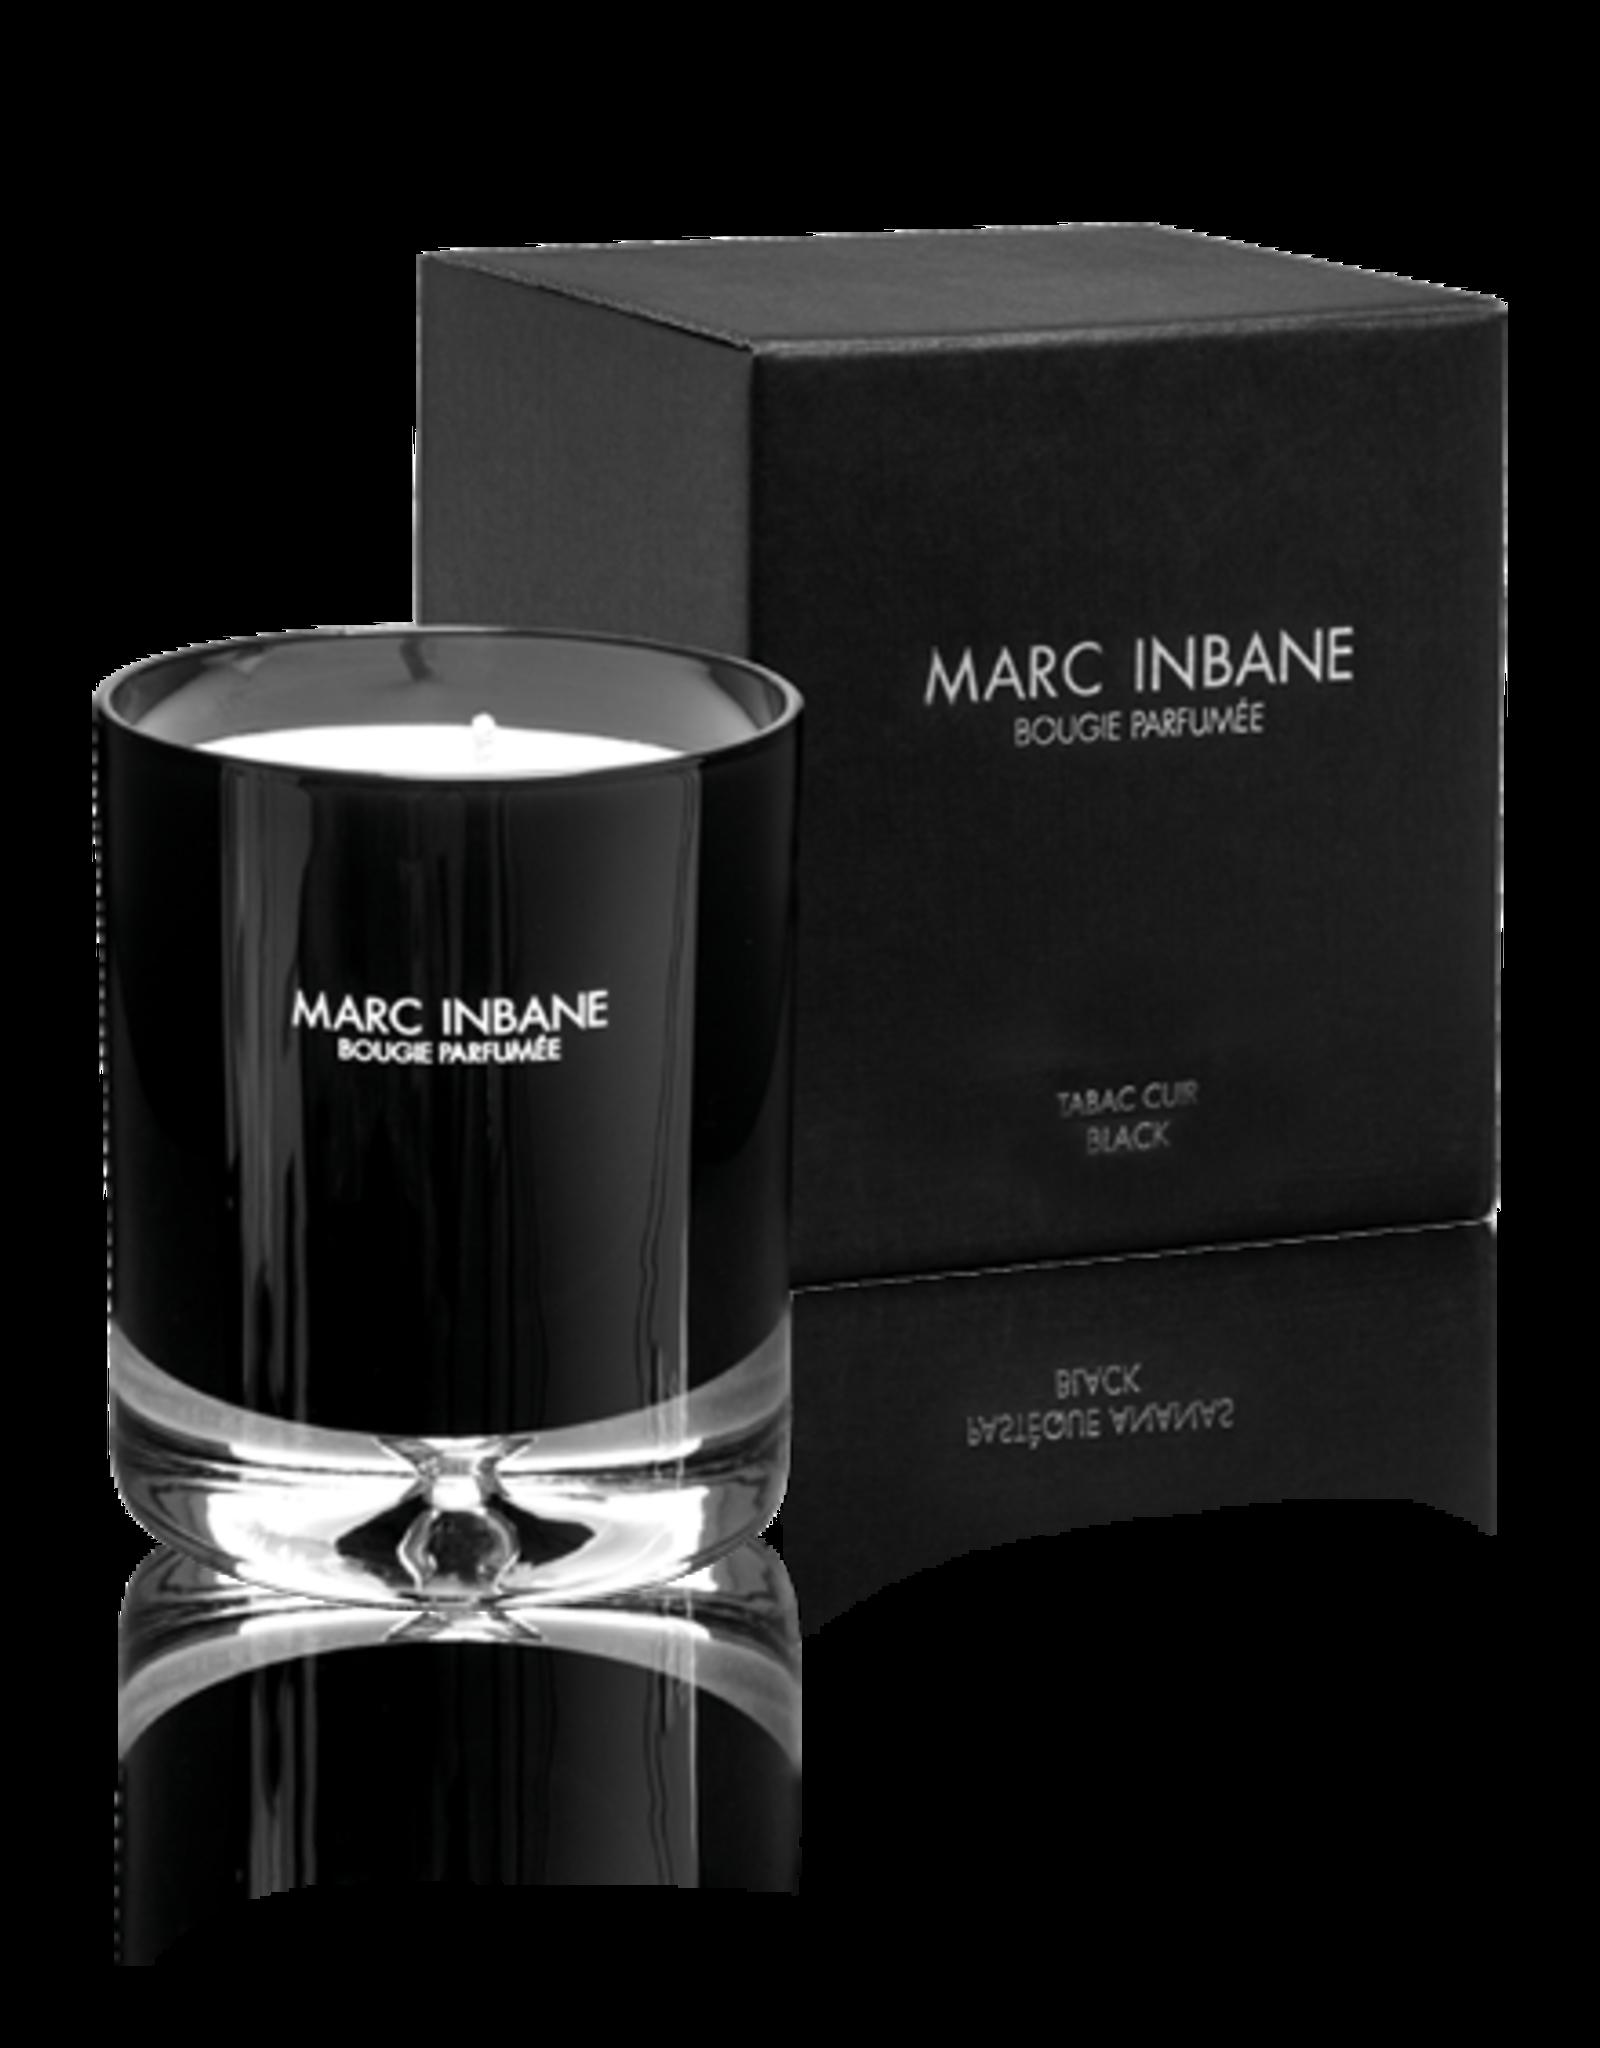 marc inbaine Bougie Parfumee Tabac Cuir Black